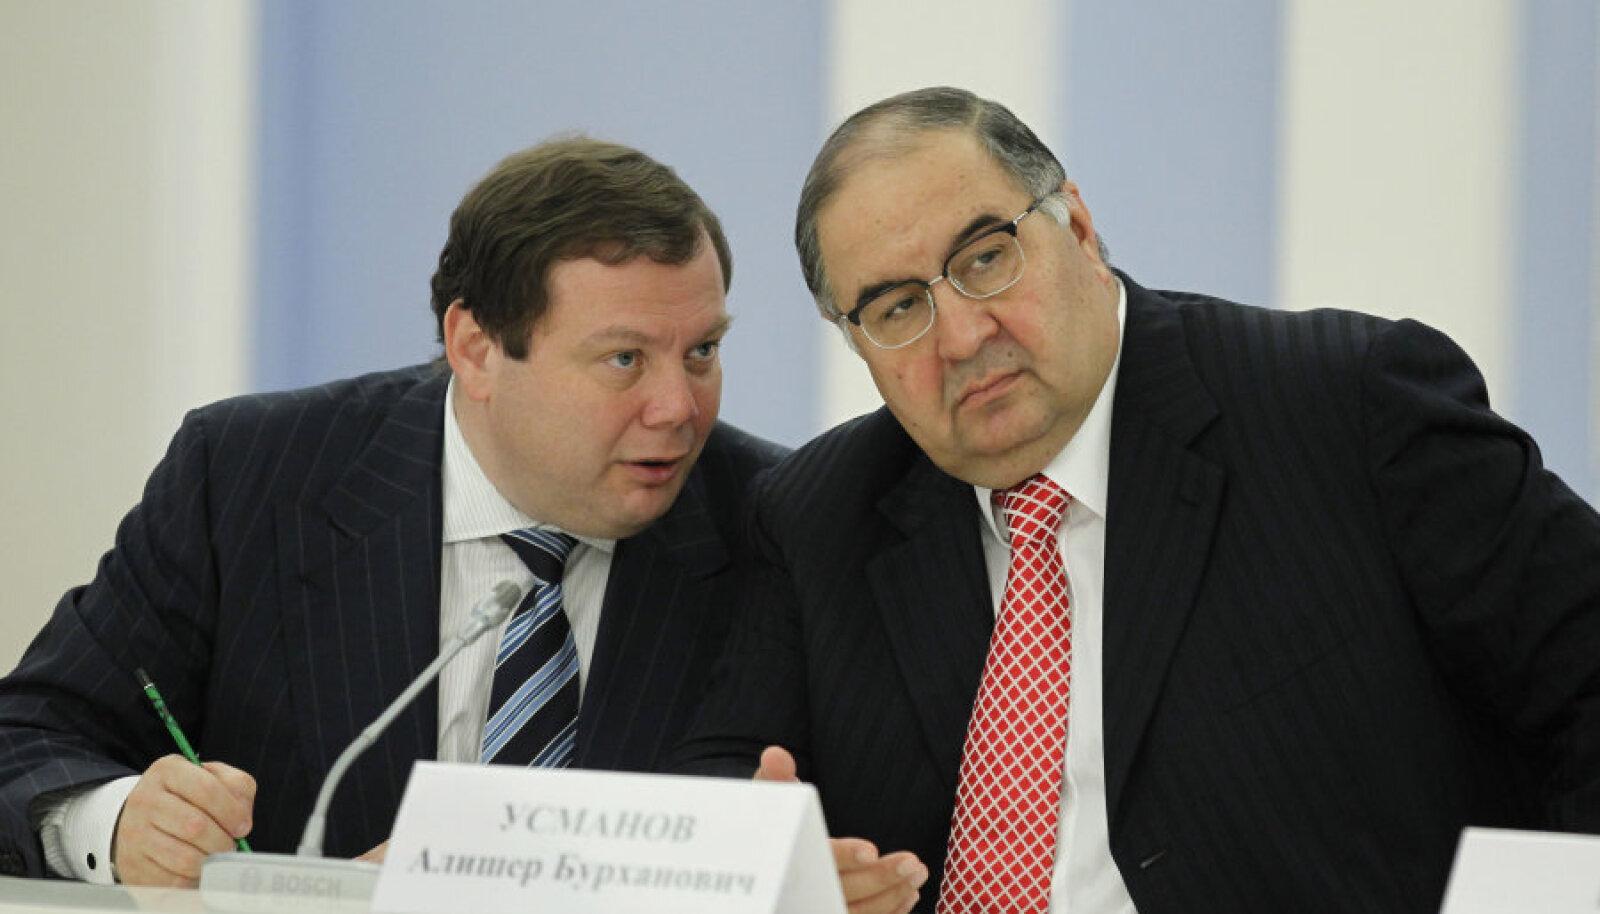 Venemaa kaks kõige rikkamat - Mihhail Fridman ja Ališer Usmanov